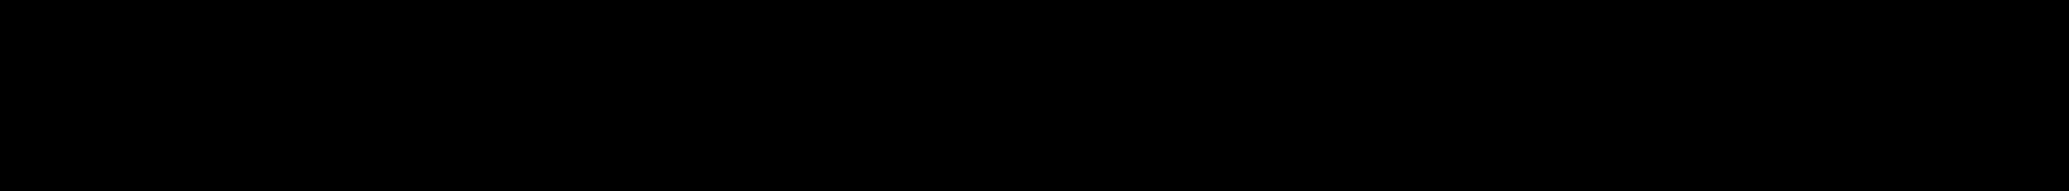 Design System C 500R